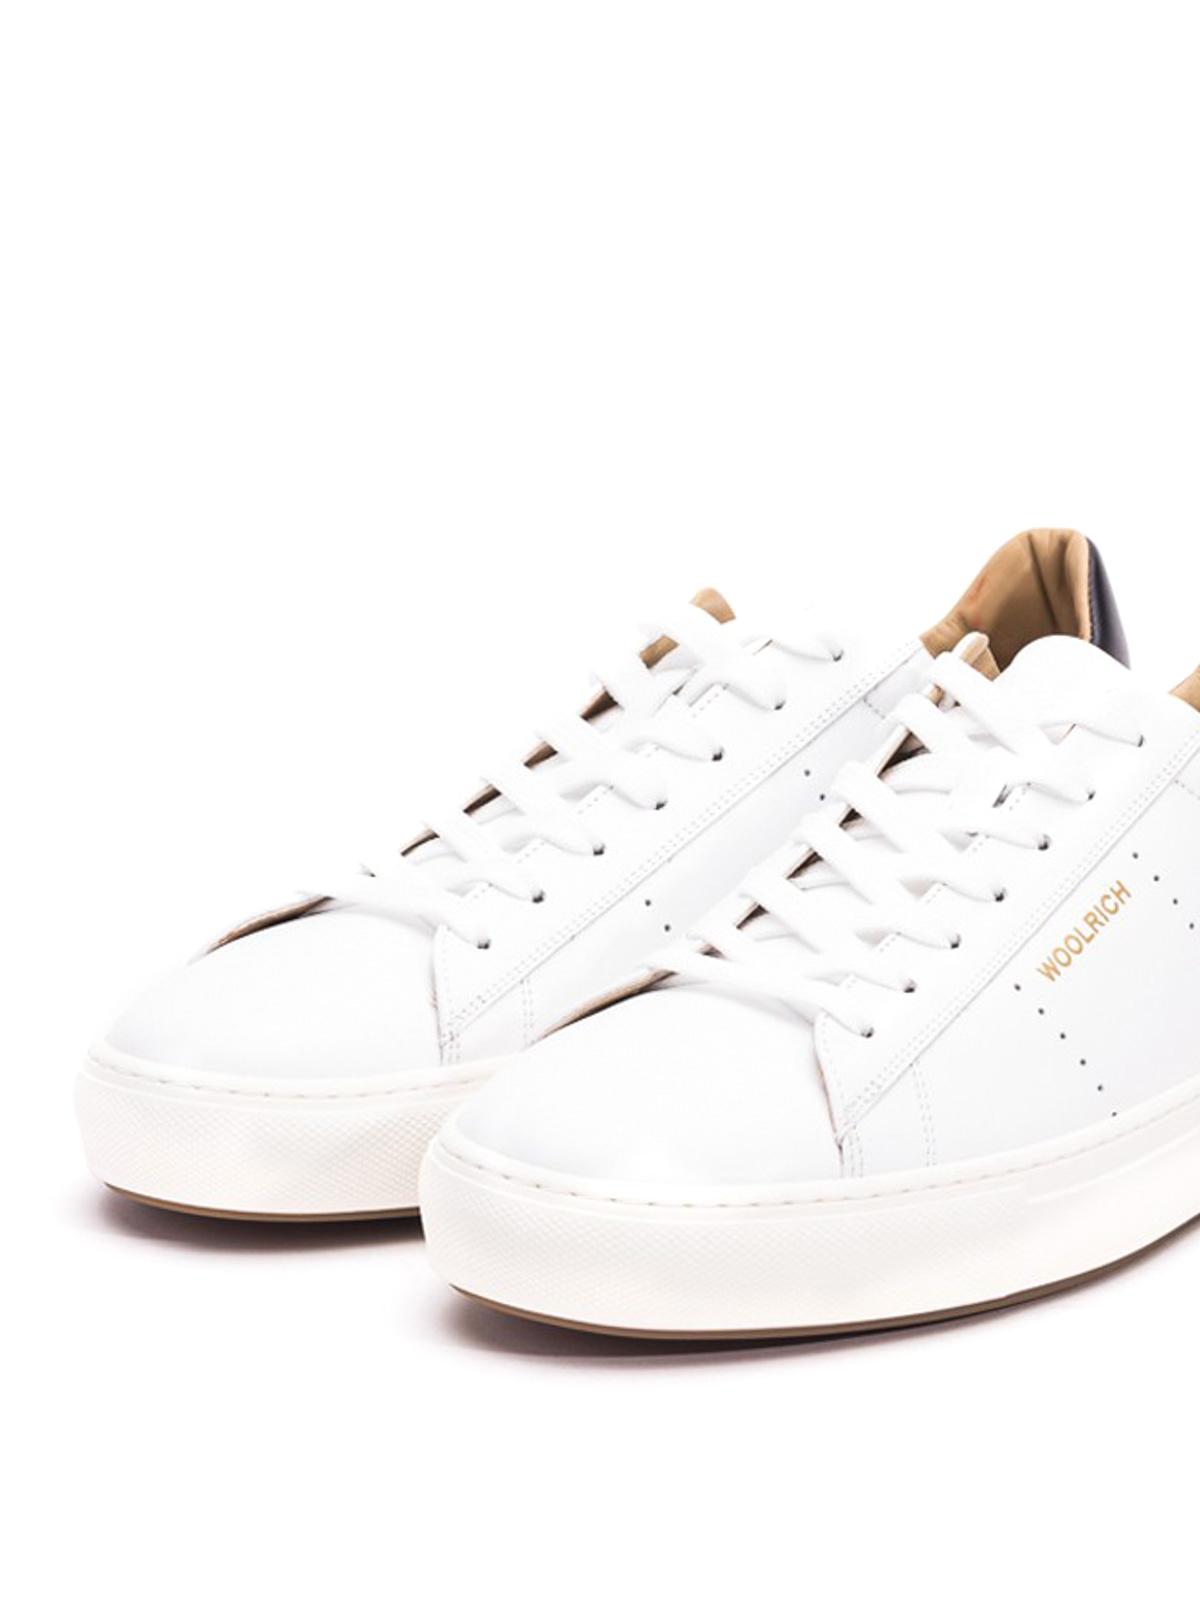 Woolrich - Black heel counter white